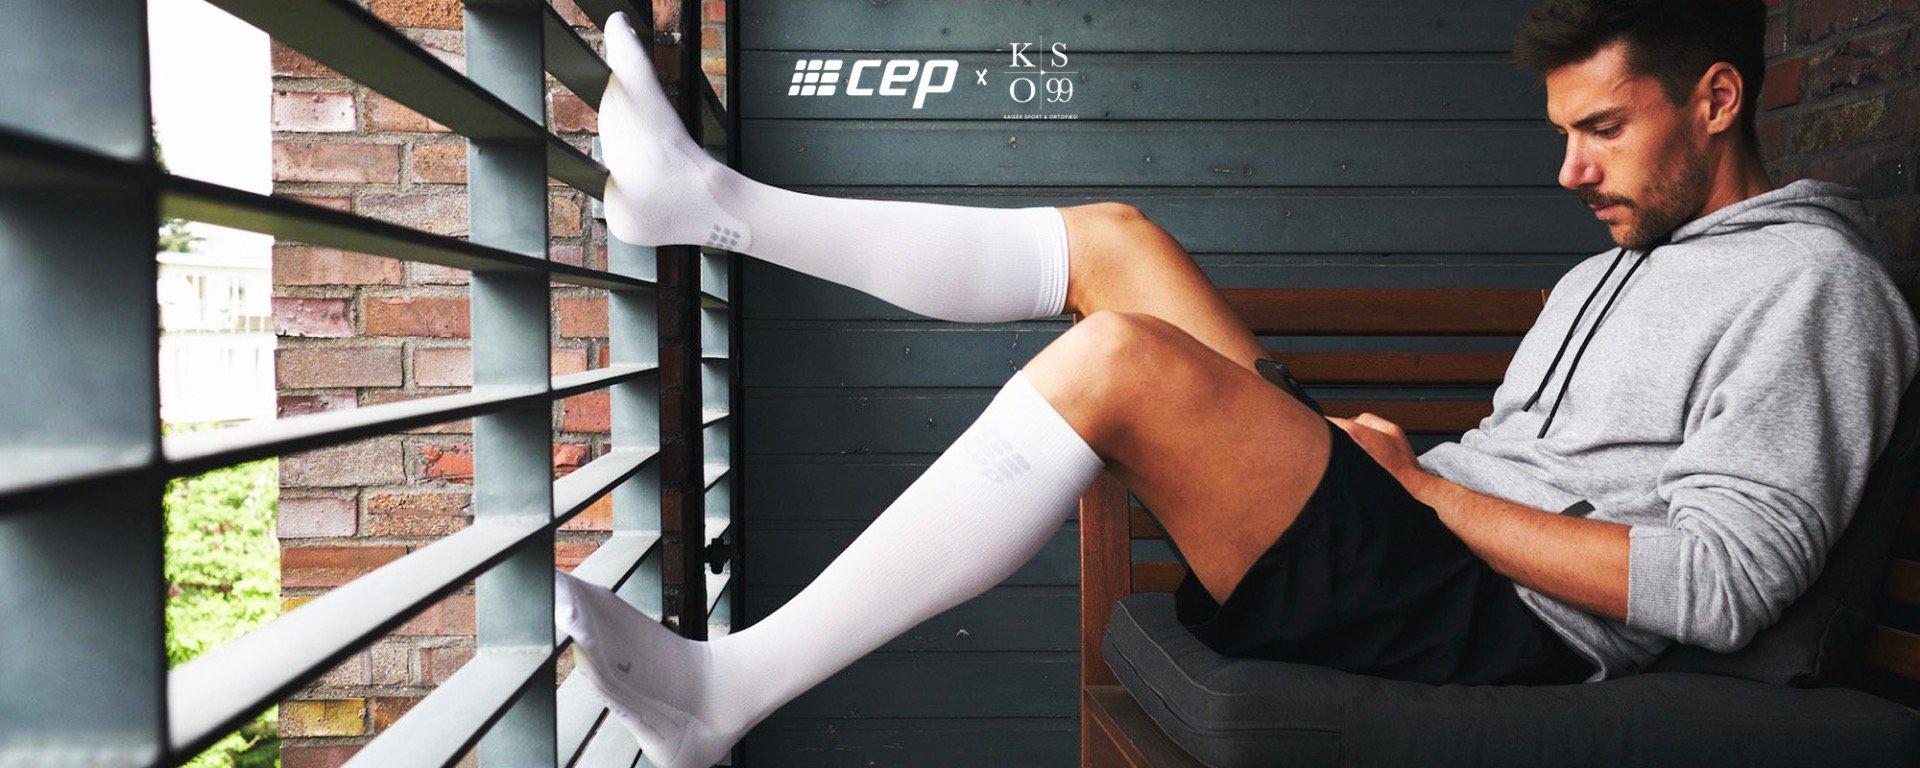 Her er 4 populære CEP-produkter hos Kaiser Sport